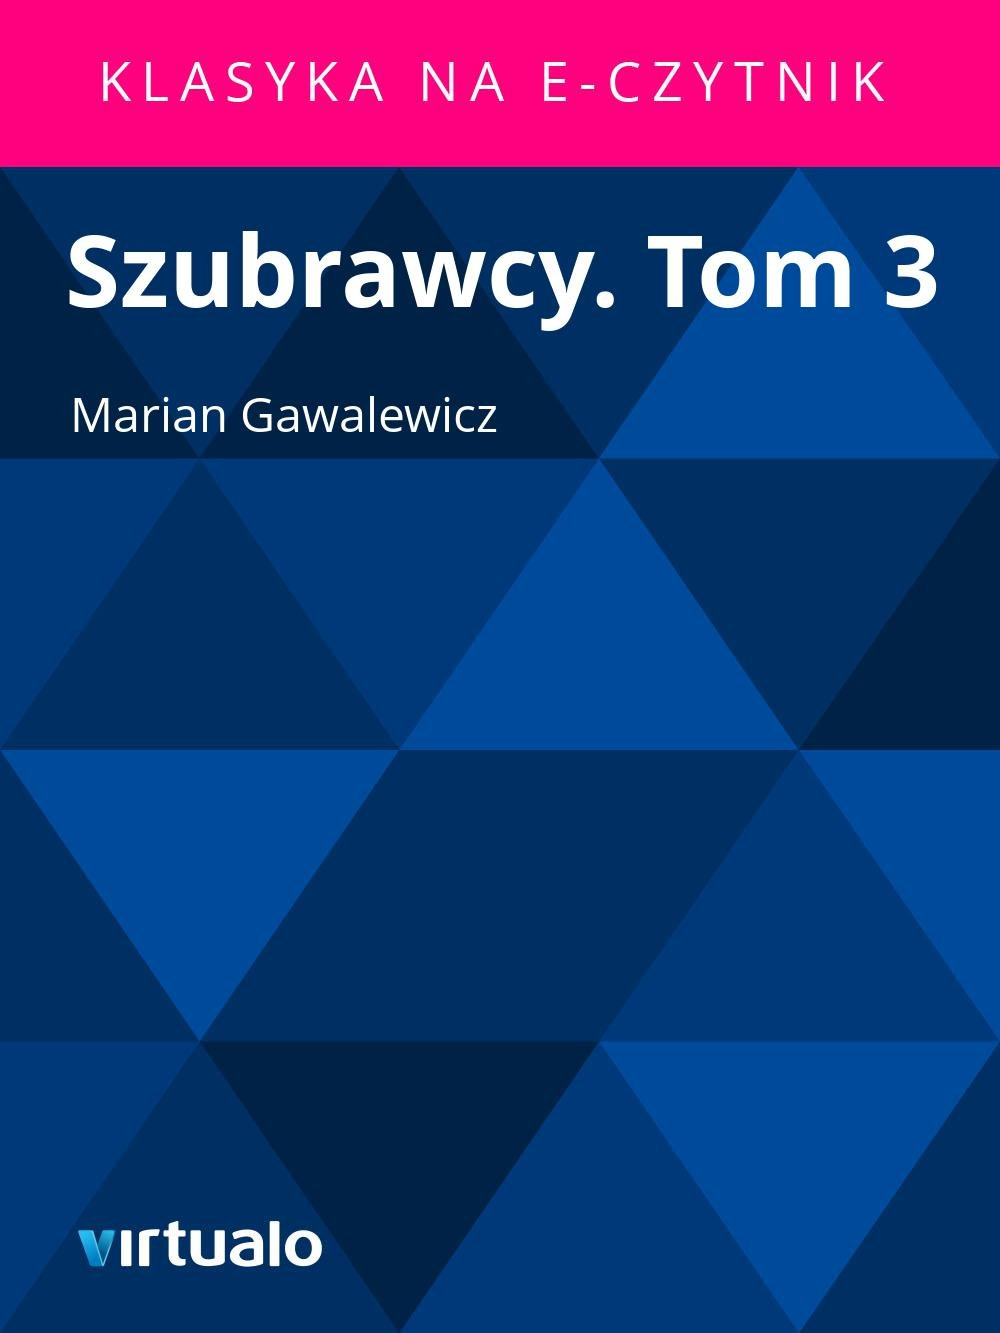 Szubrawcy. Tom 3 - Ebook (Książka EPUB) do pobrania w formacie EPUB